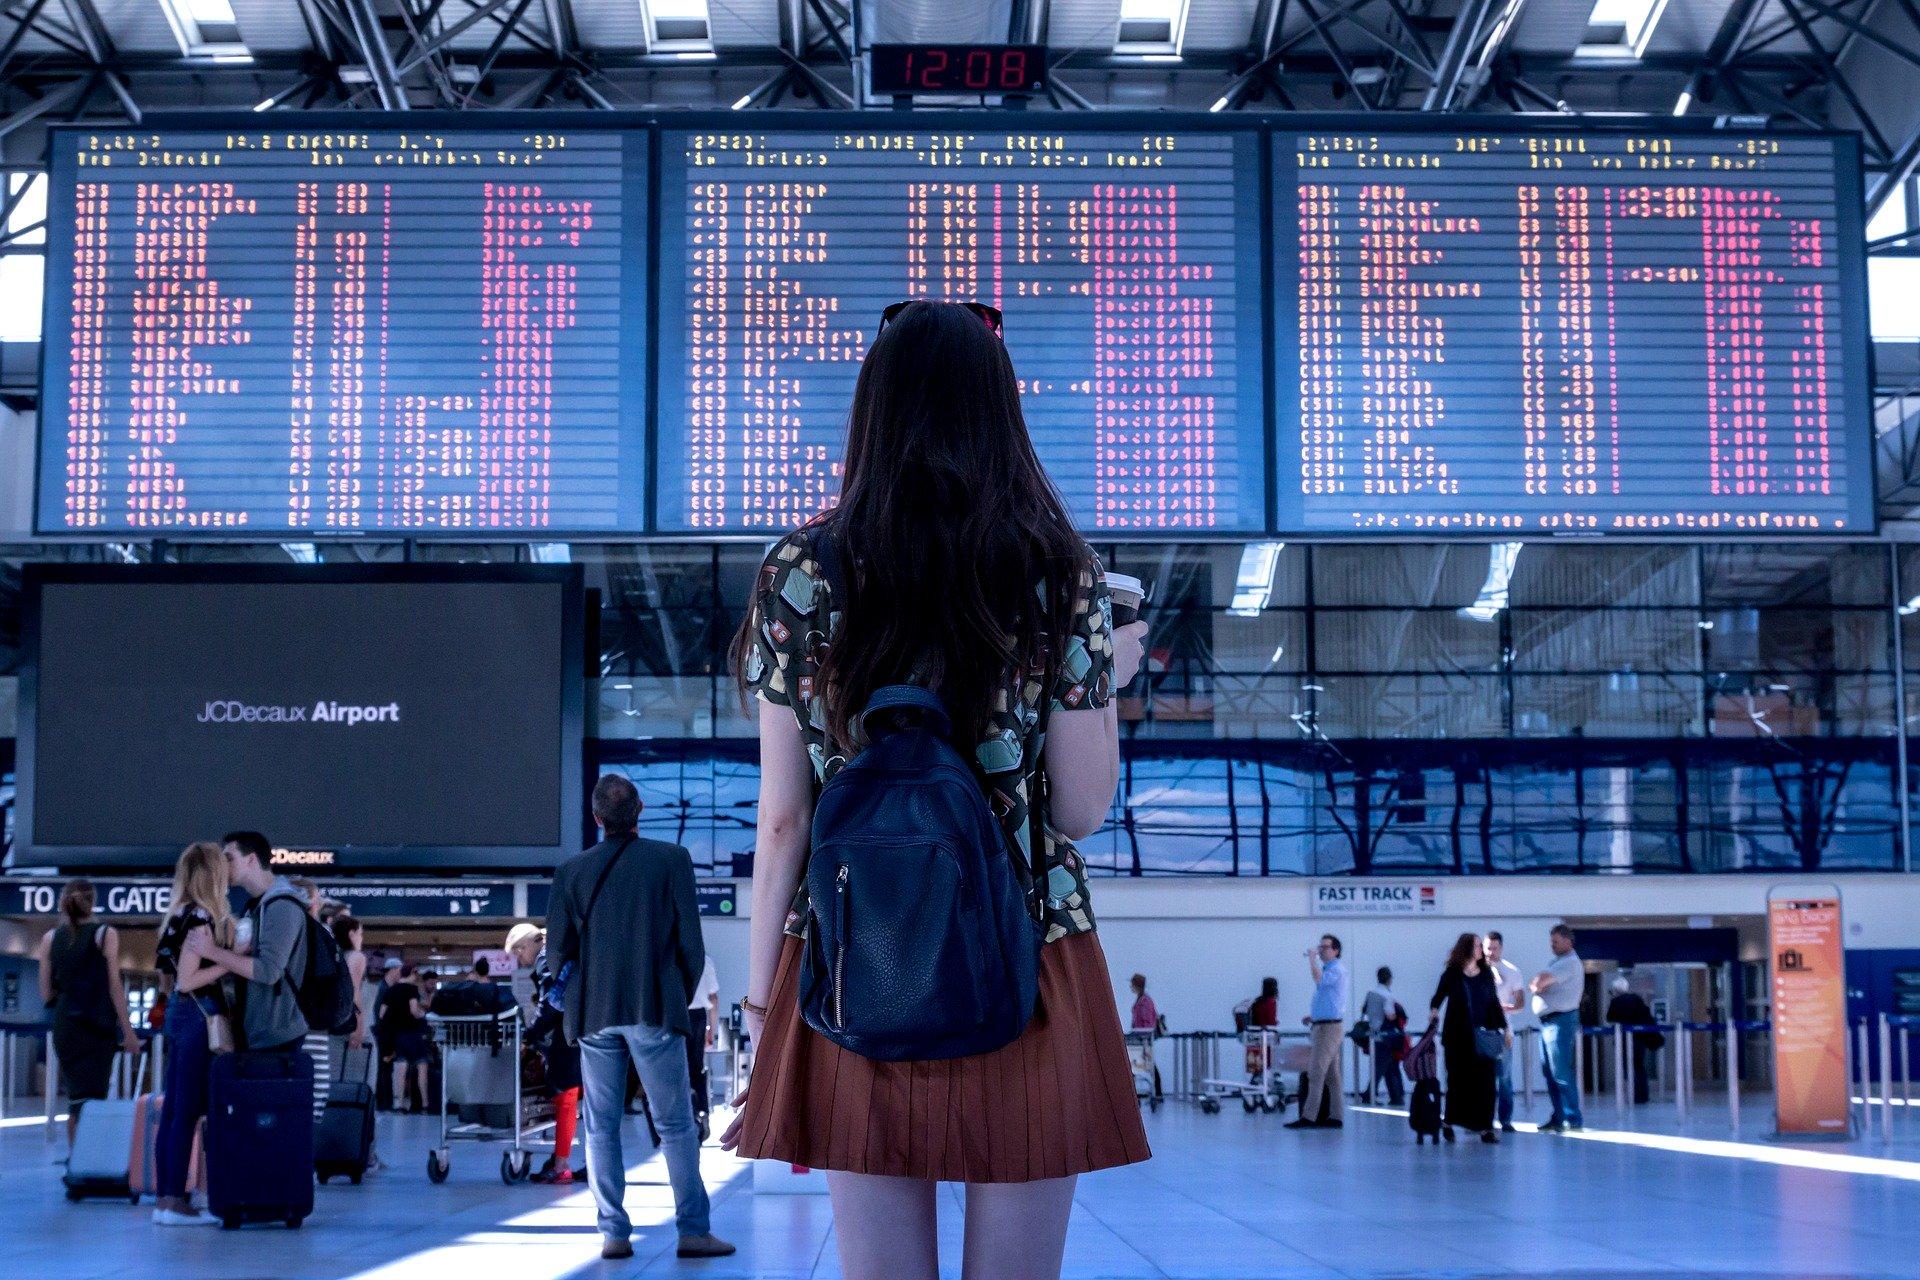 Jaki kierunek rozwoju wybrać - rozterki przed rozkładem lotów na lotnisku